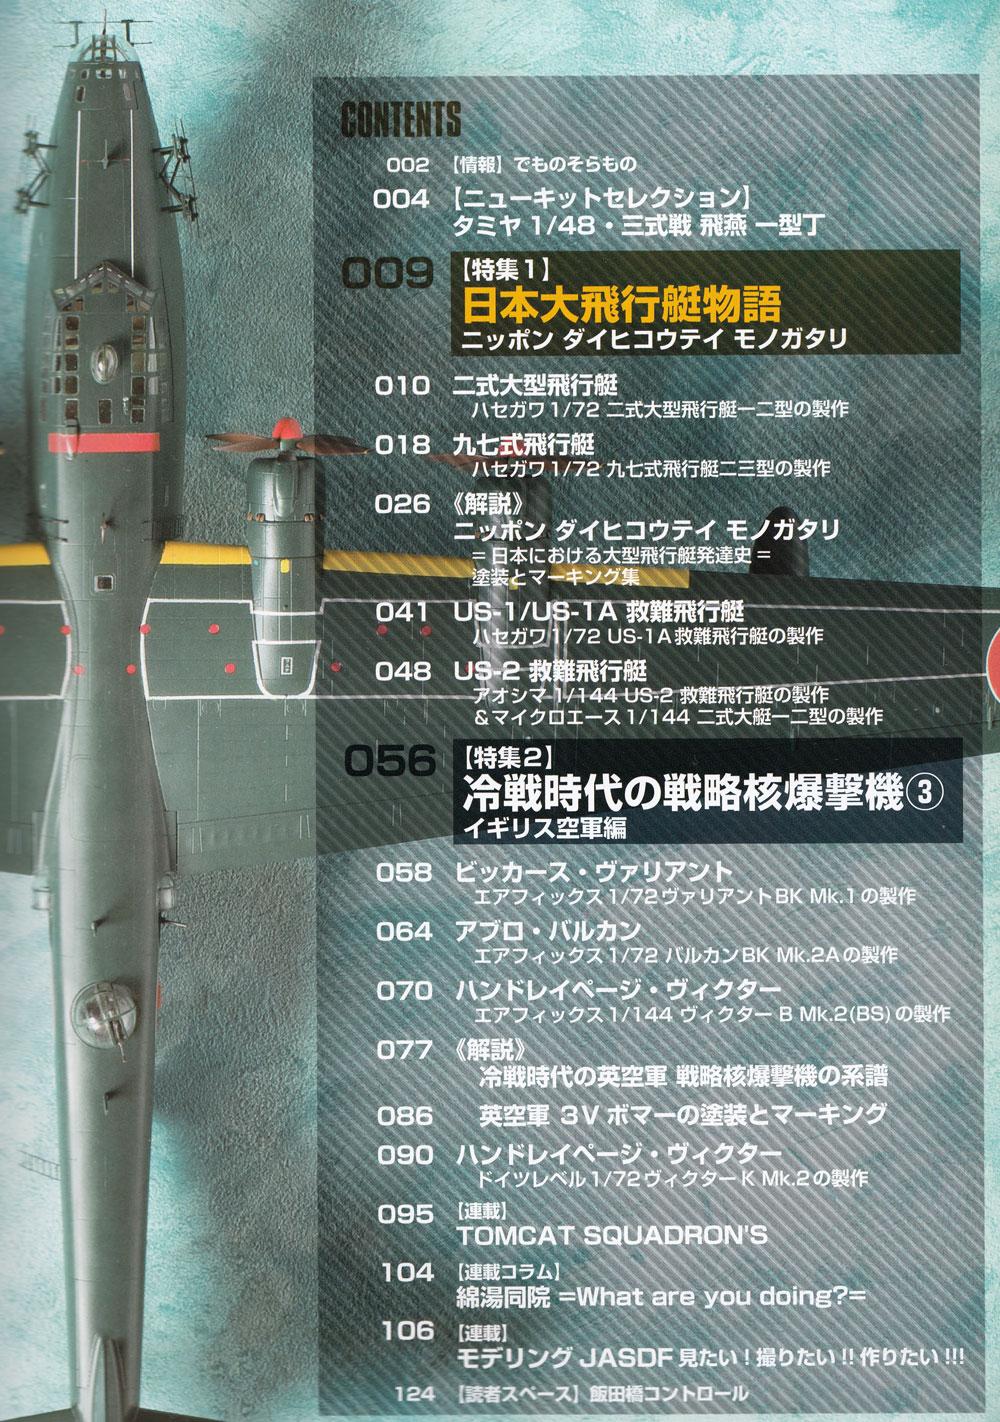 飛行機模型スペシャル 17 日本大飛行艇物語 / 冷戦時代の戦略核爆撃機 3本(モデルアート飛行機模型スペシャルNo.017)商品画像_1